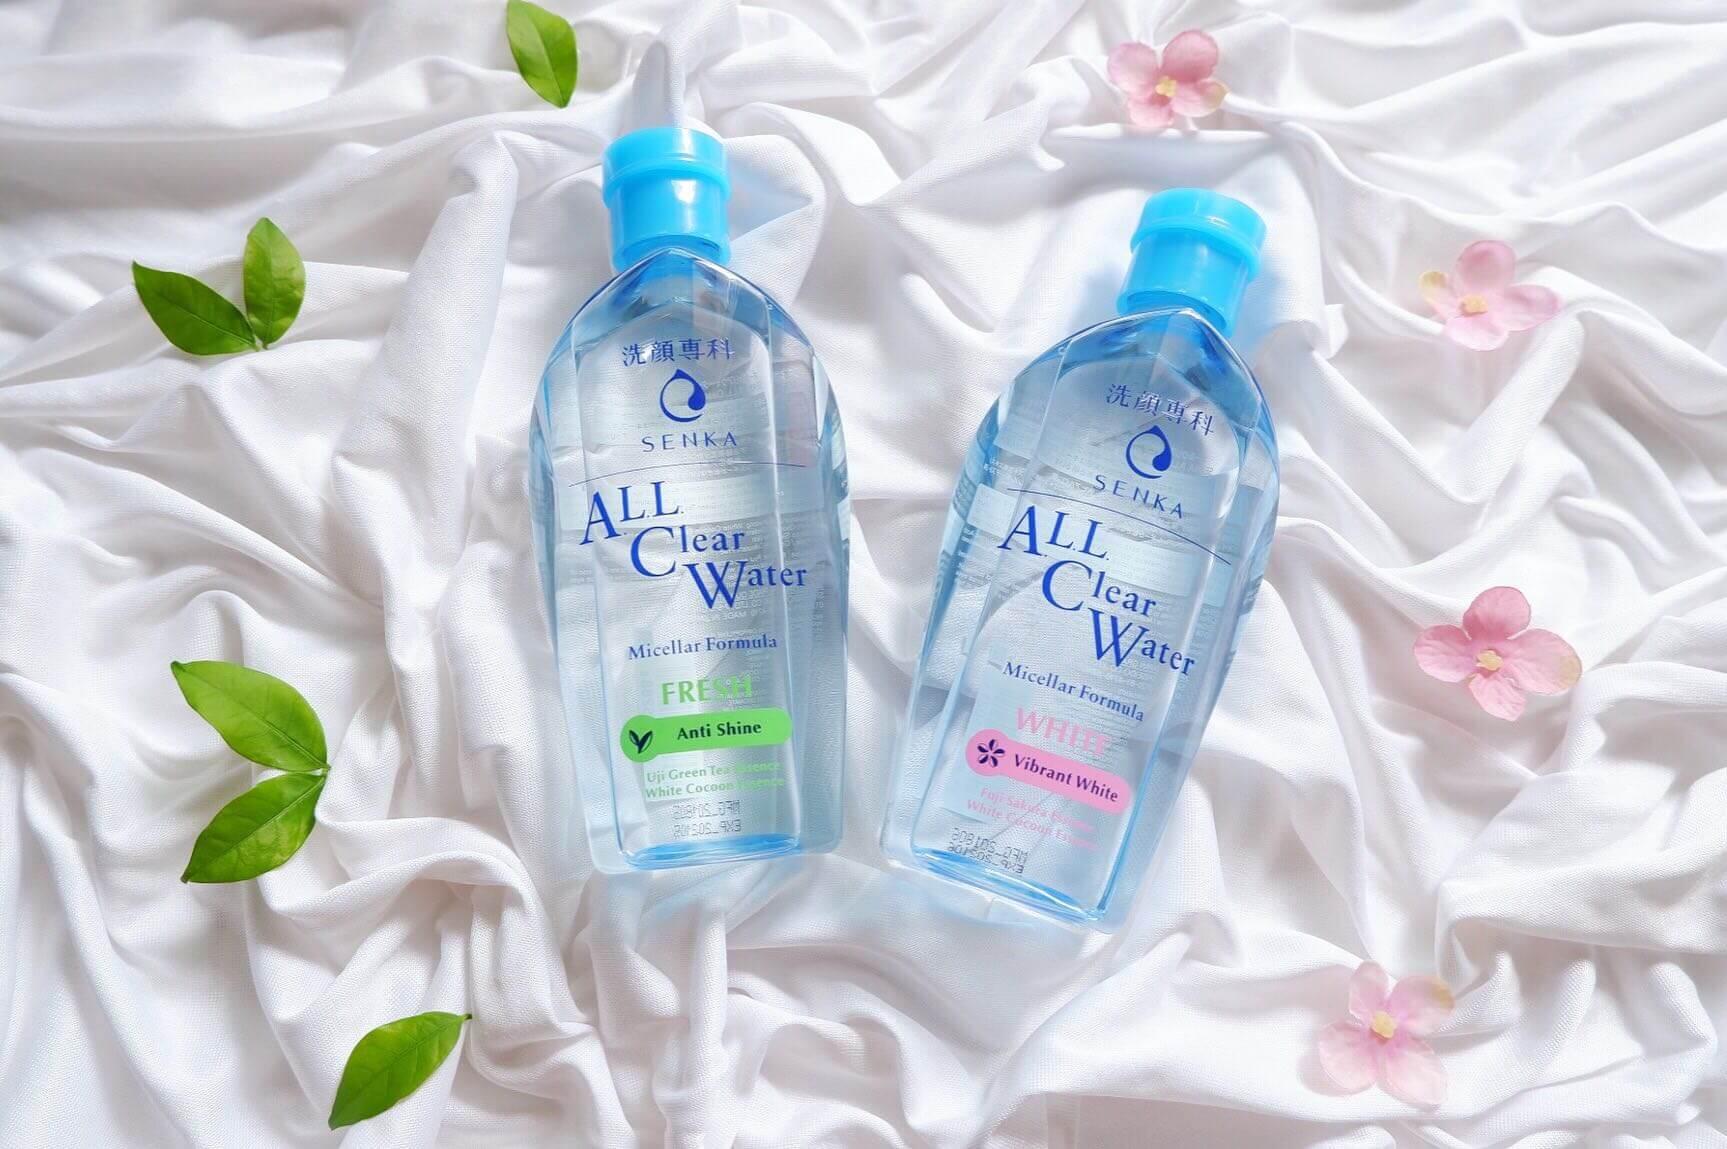 Nước tẩy trang Senka All Clear Water- nước tẩy trang giá rẻ-bicicosmetics.vn